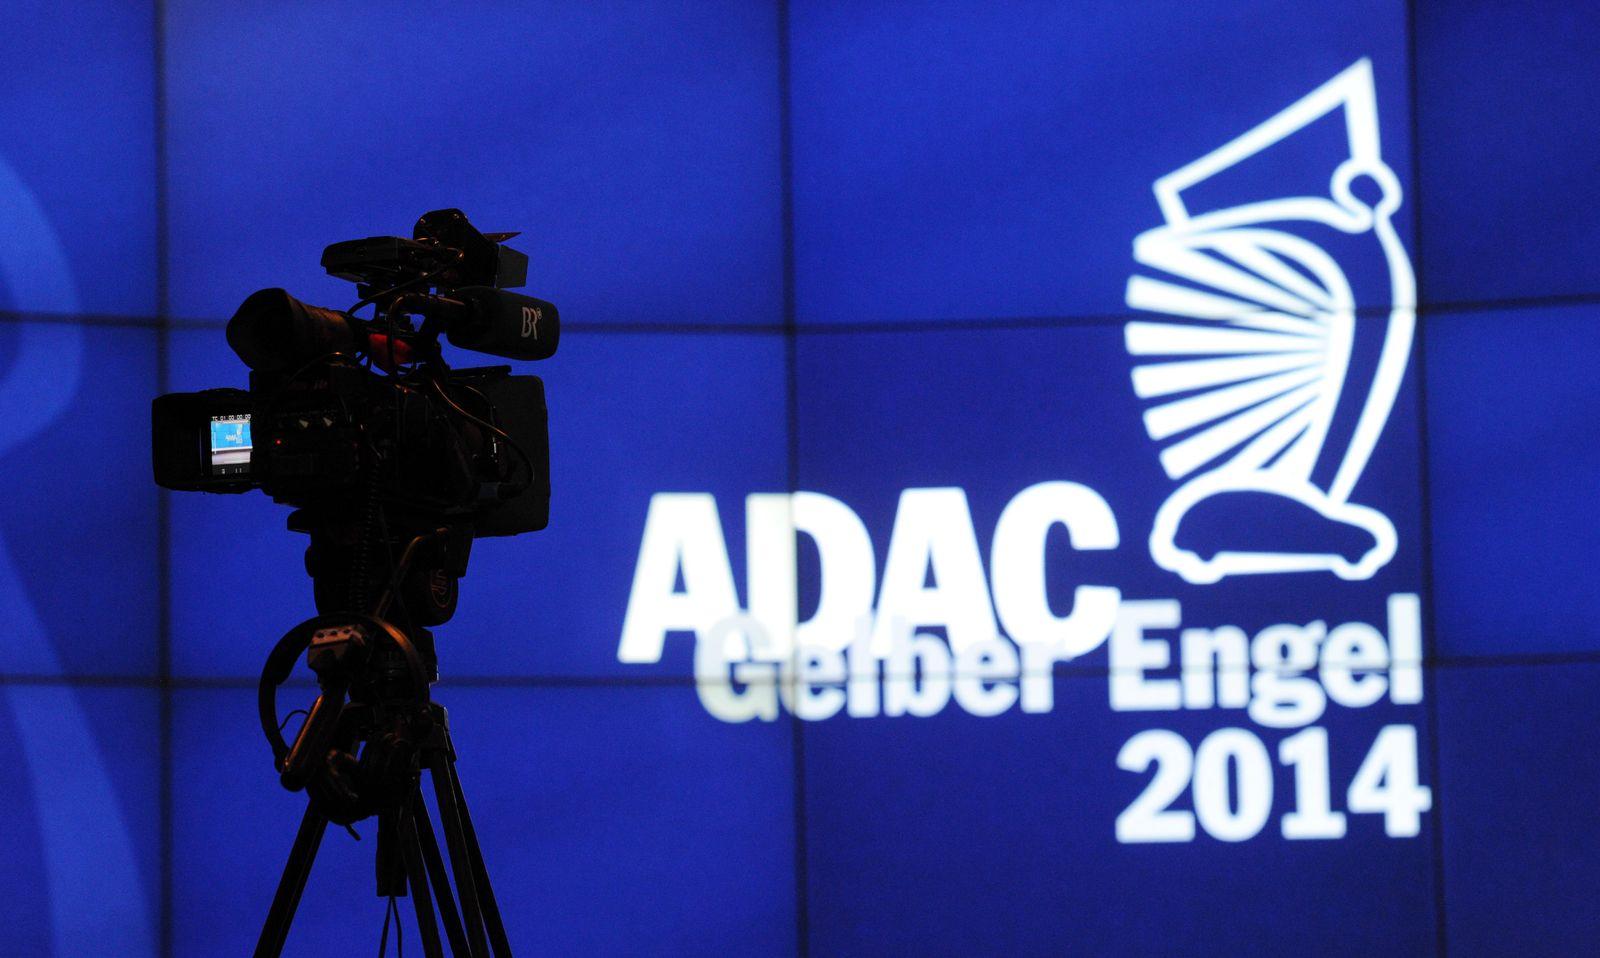 ADAC / Gelber Engel